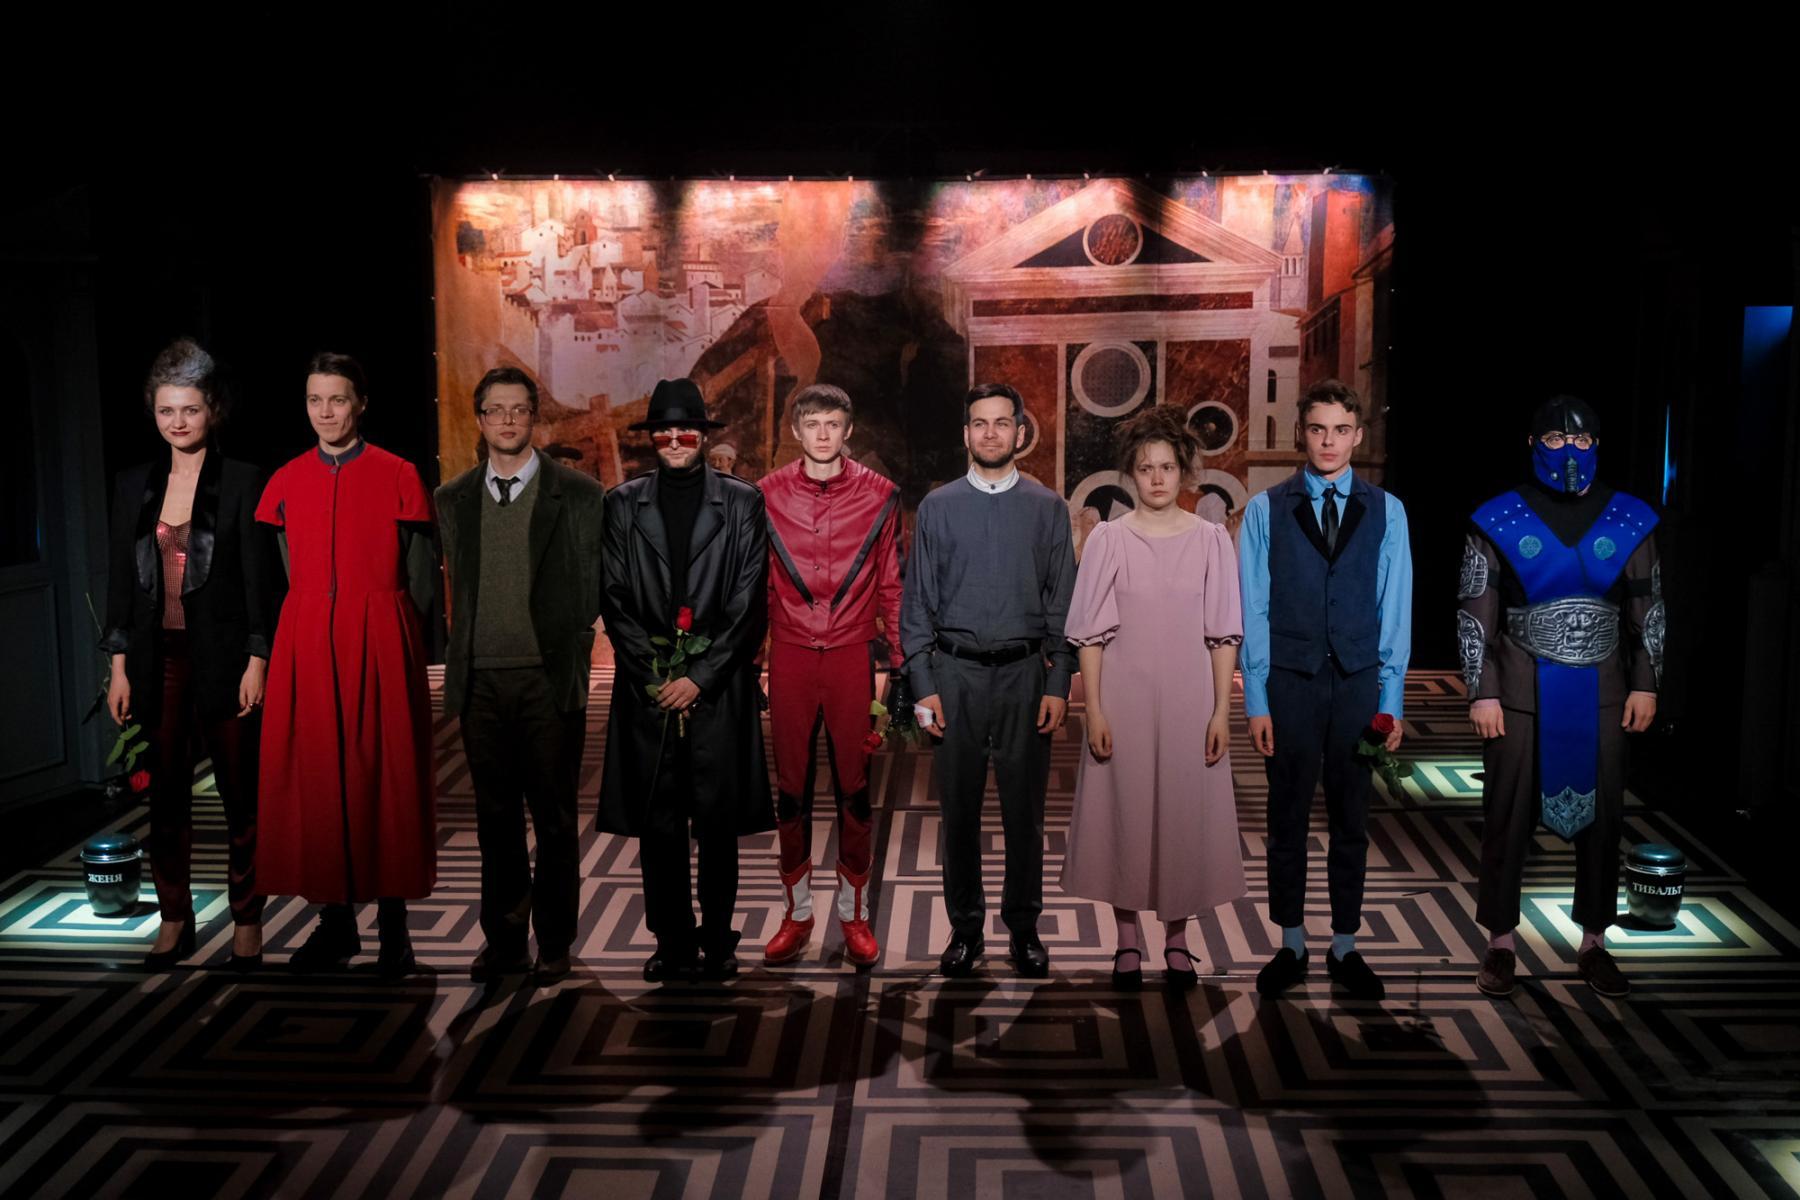 фото «Спектакль про детей, которые наворотили дел, и всё кончилось плохо»: остросюжетный детектив о Ромео и Джульетте показали в  «Первом театре» 8